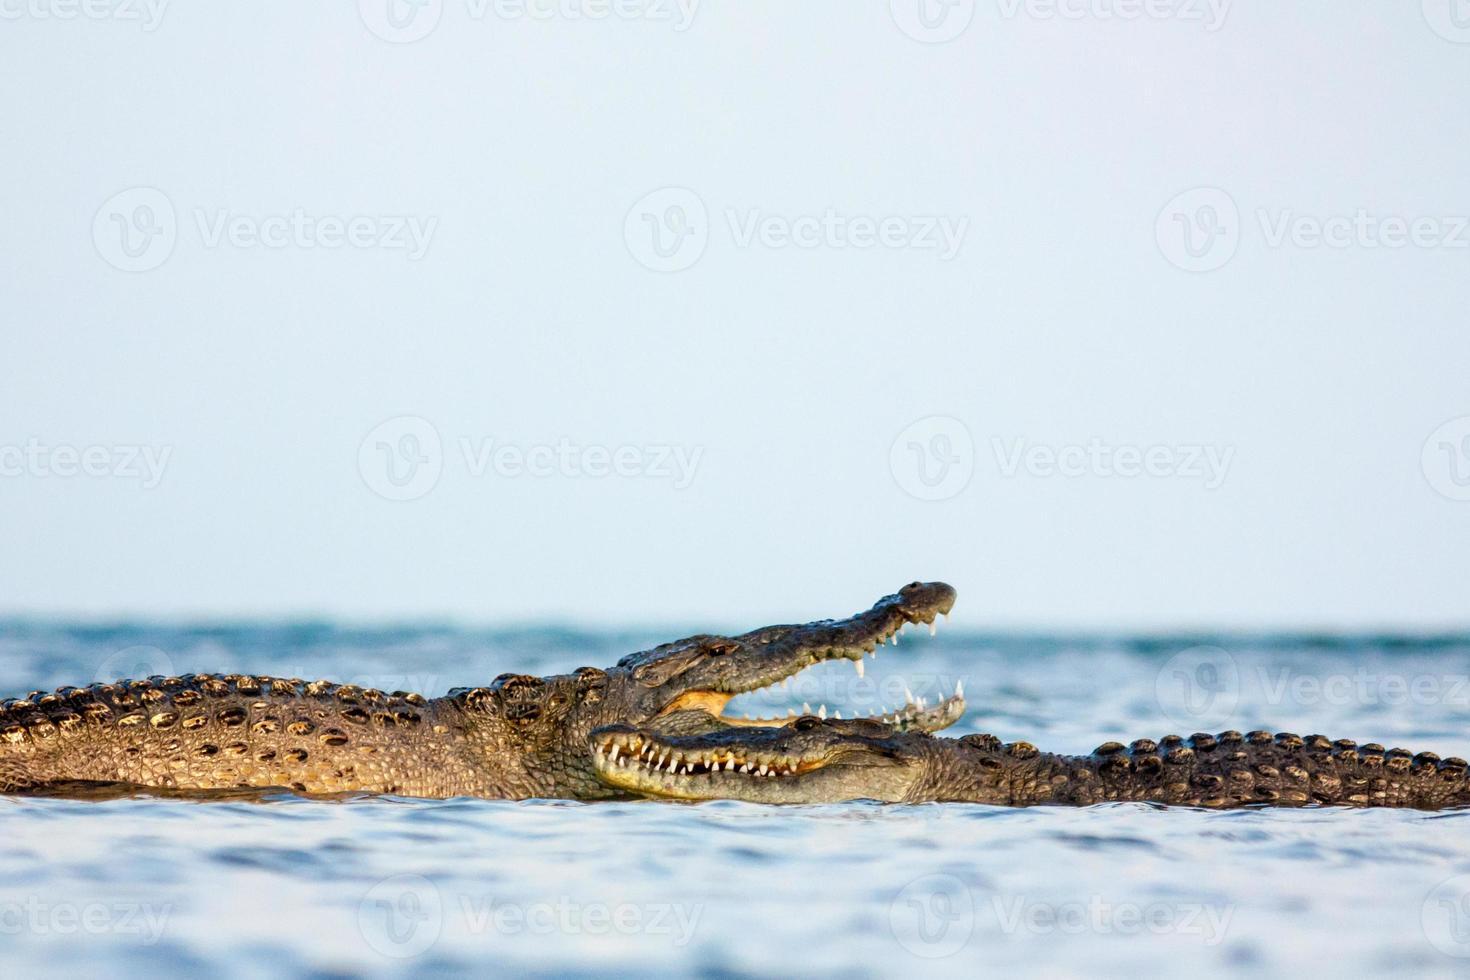 Amerikaanse krokodil foto